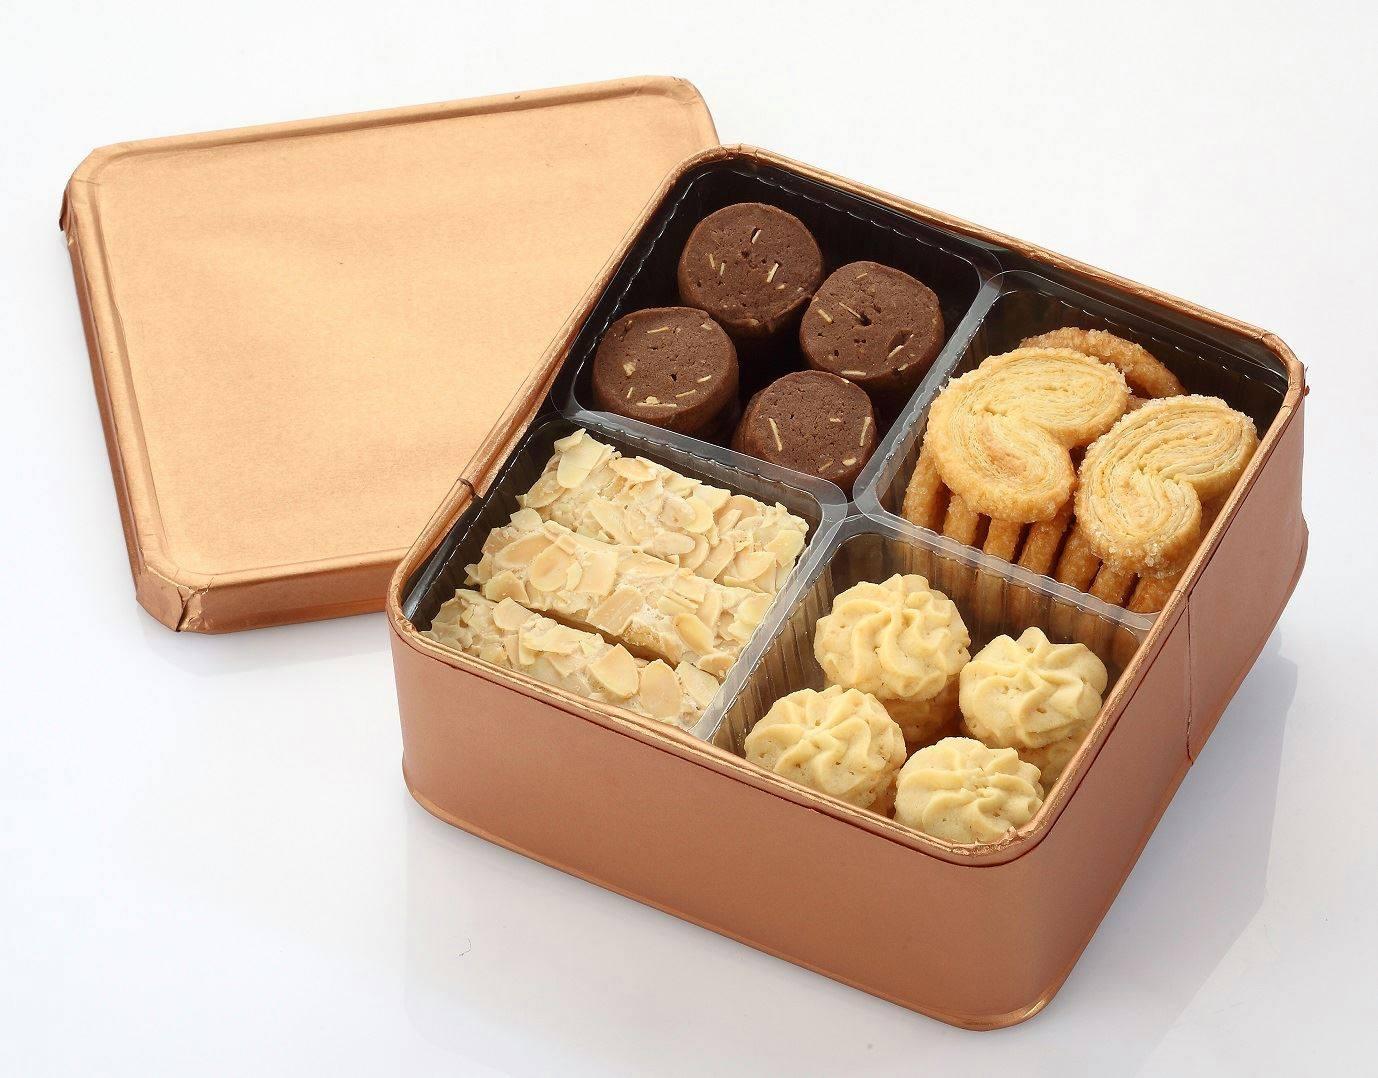 綜合曲奇餅乾禮盒 240g盒裝 禮盒 手工餅乾 寶島179▶全館滿499免運